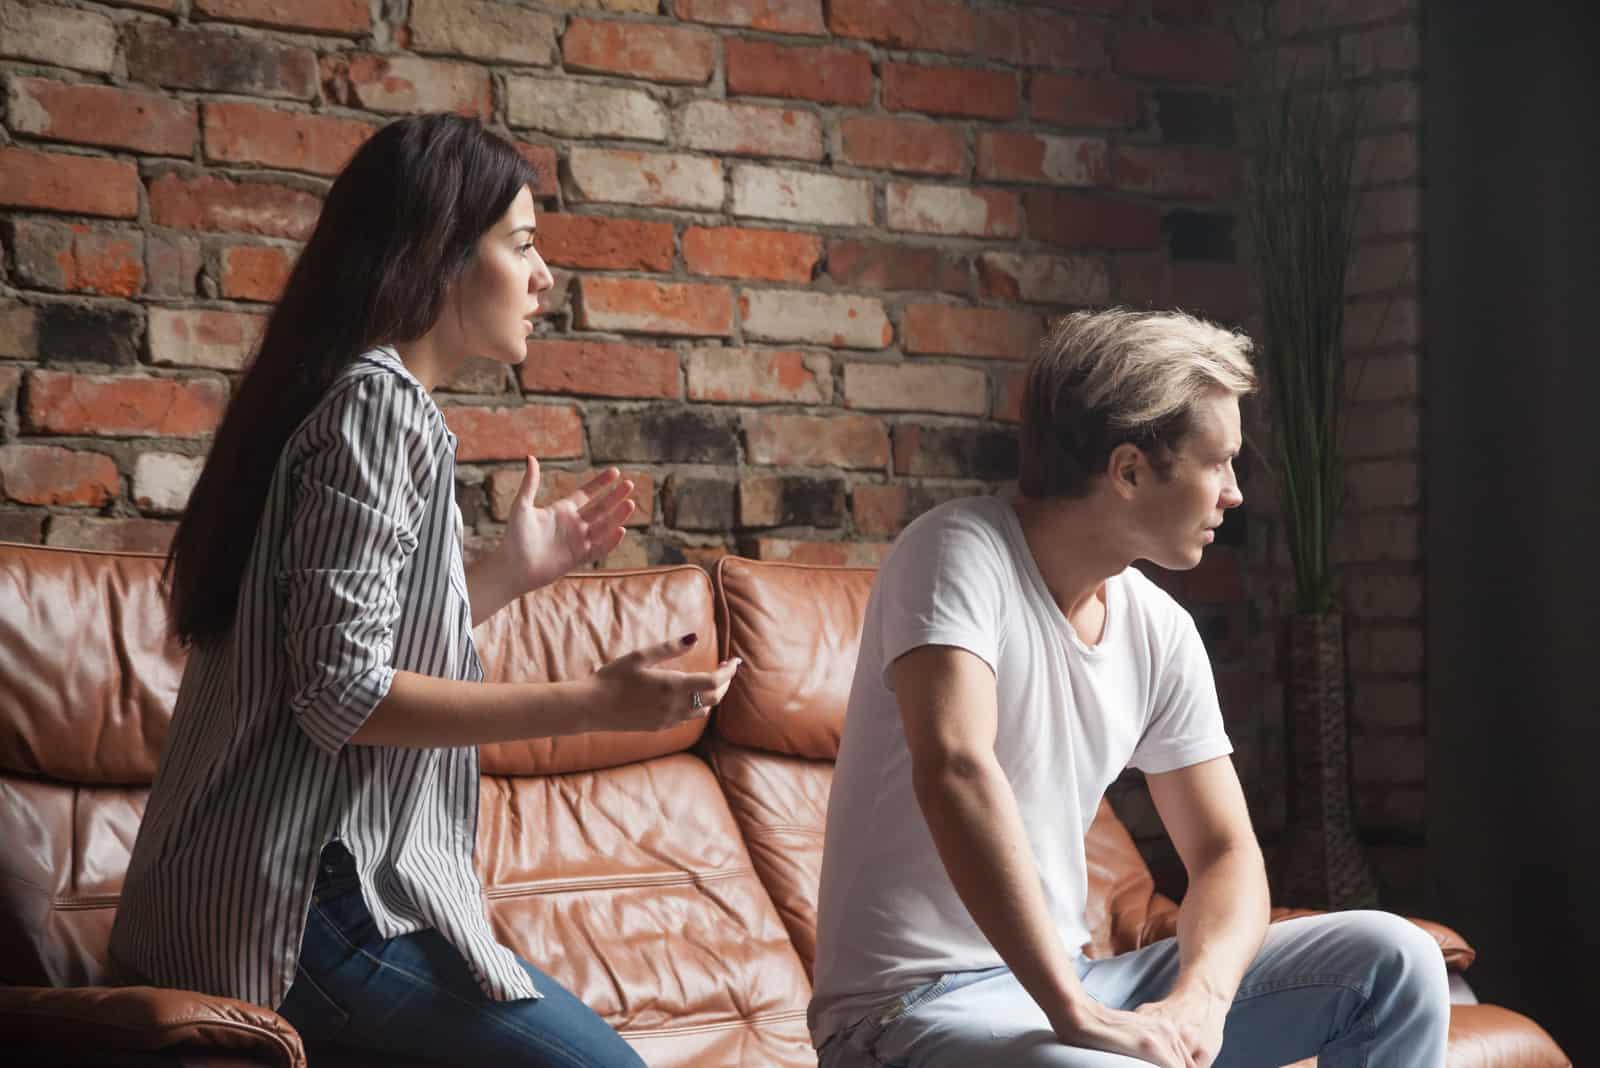 Das Paar streitet auf der Couch